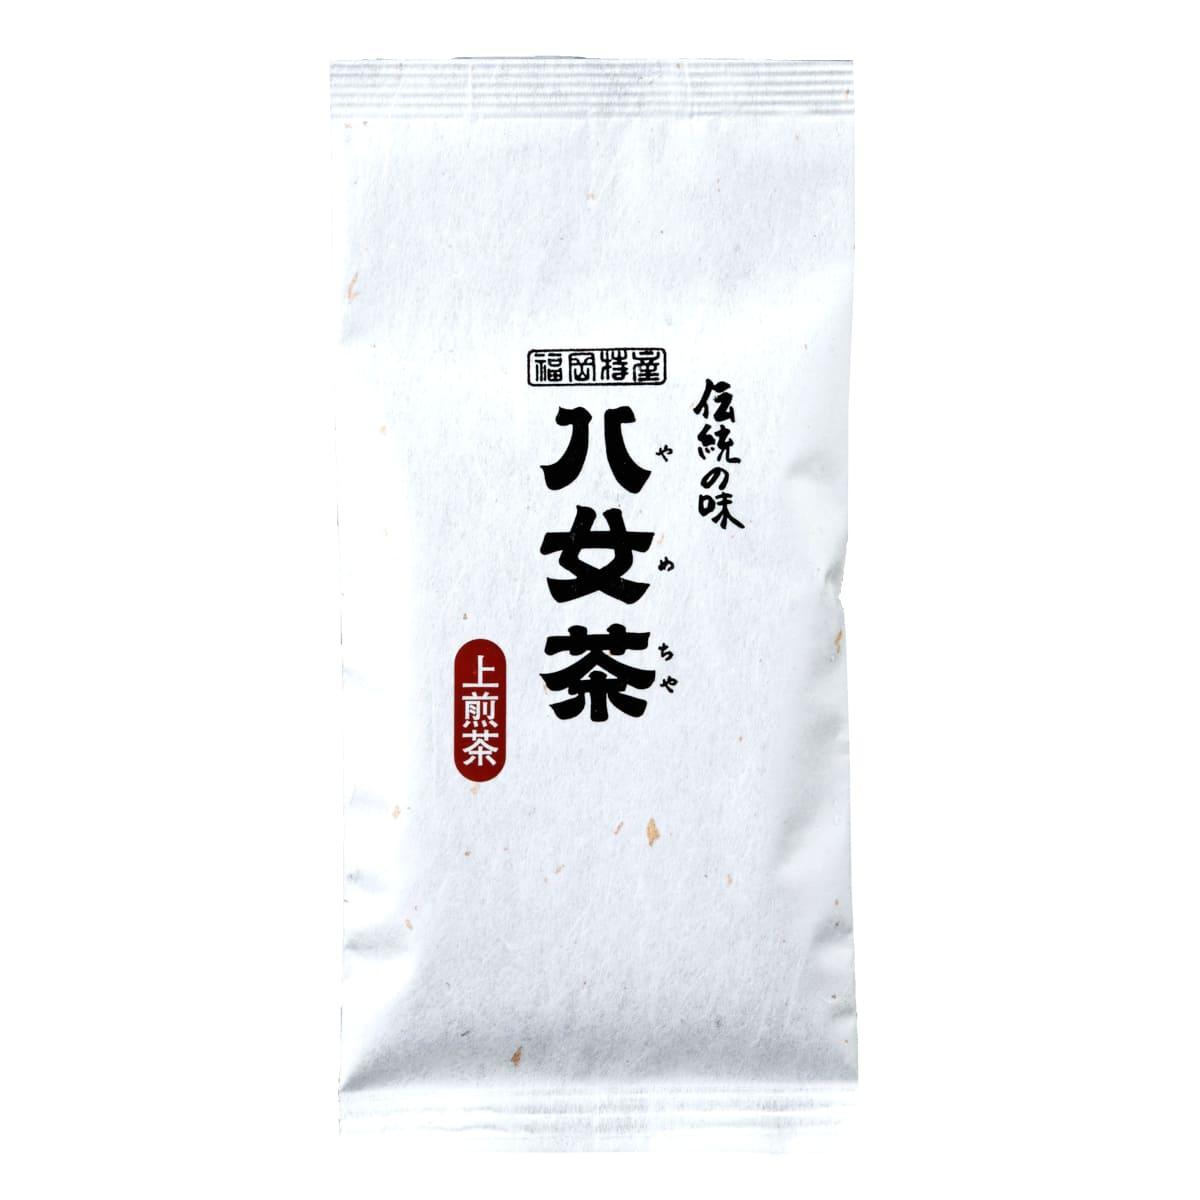 【ハ】上煎茶(袋) 100g 【メール便可】